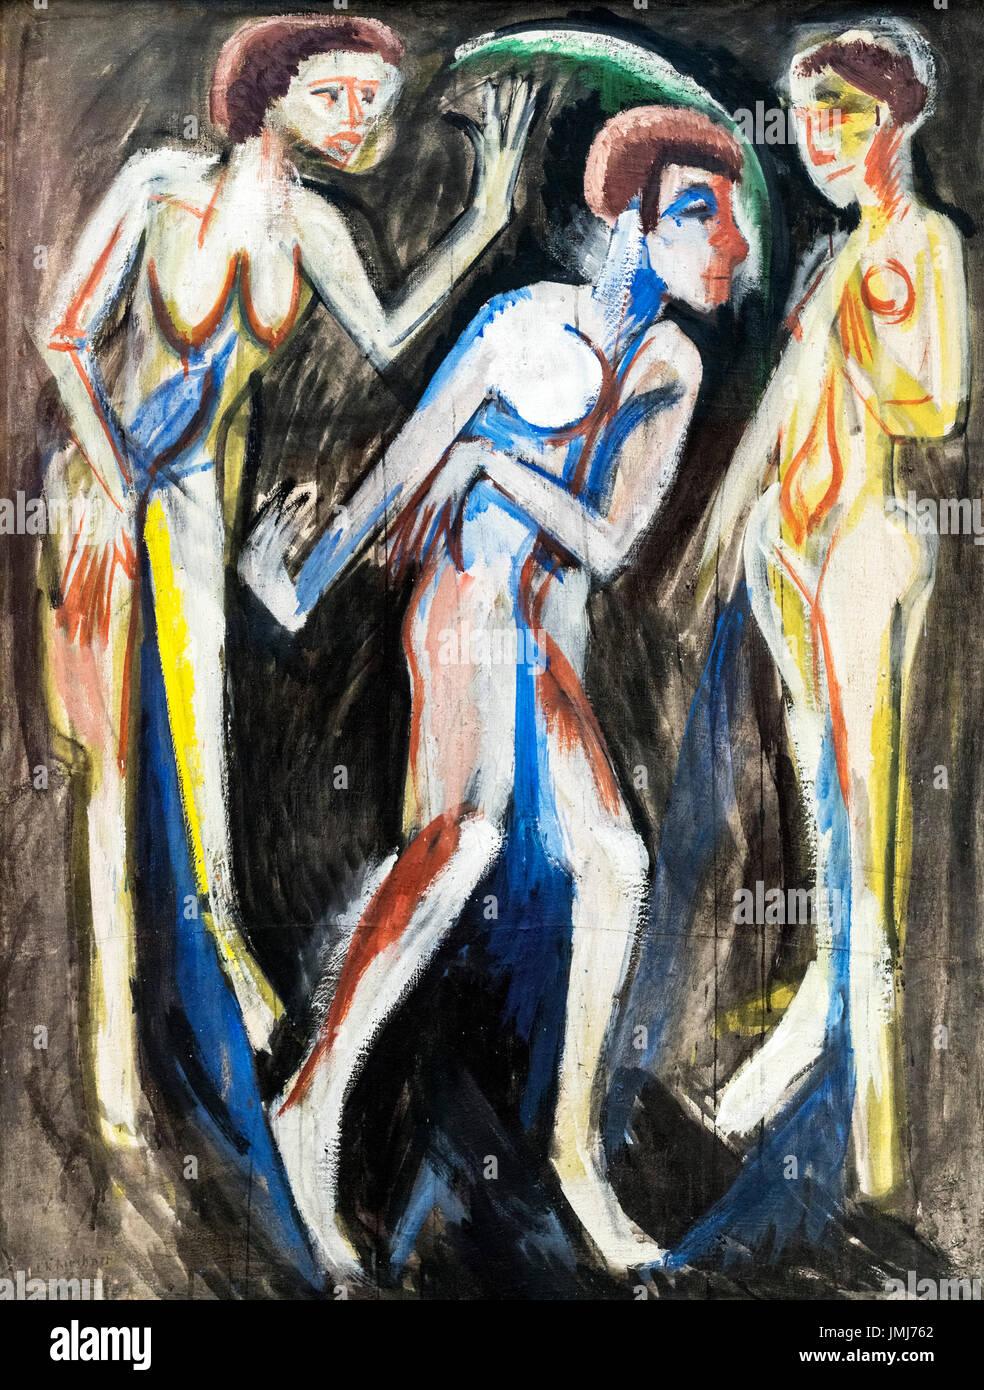 Der Tanz zwischen den Frauen (Dance Between Women) by Ernst Ludwig Kirchner (1880-1938), 1915 - Stock Image